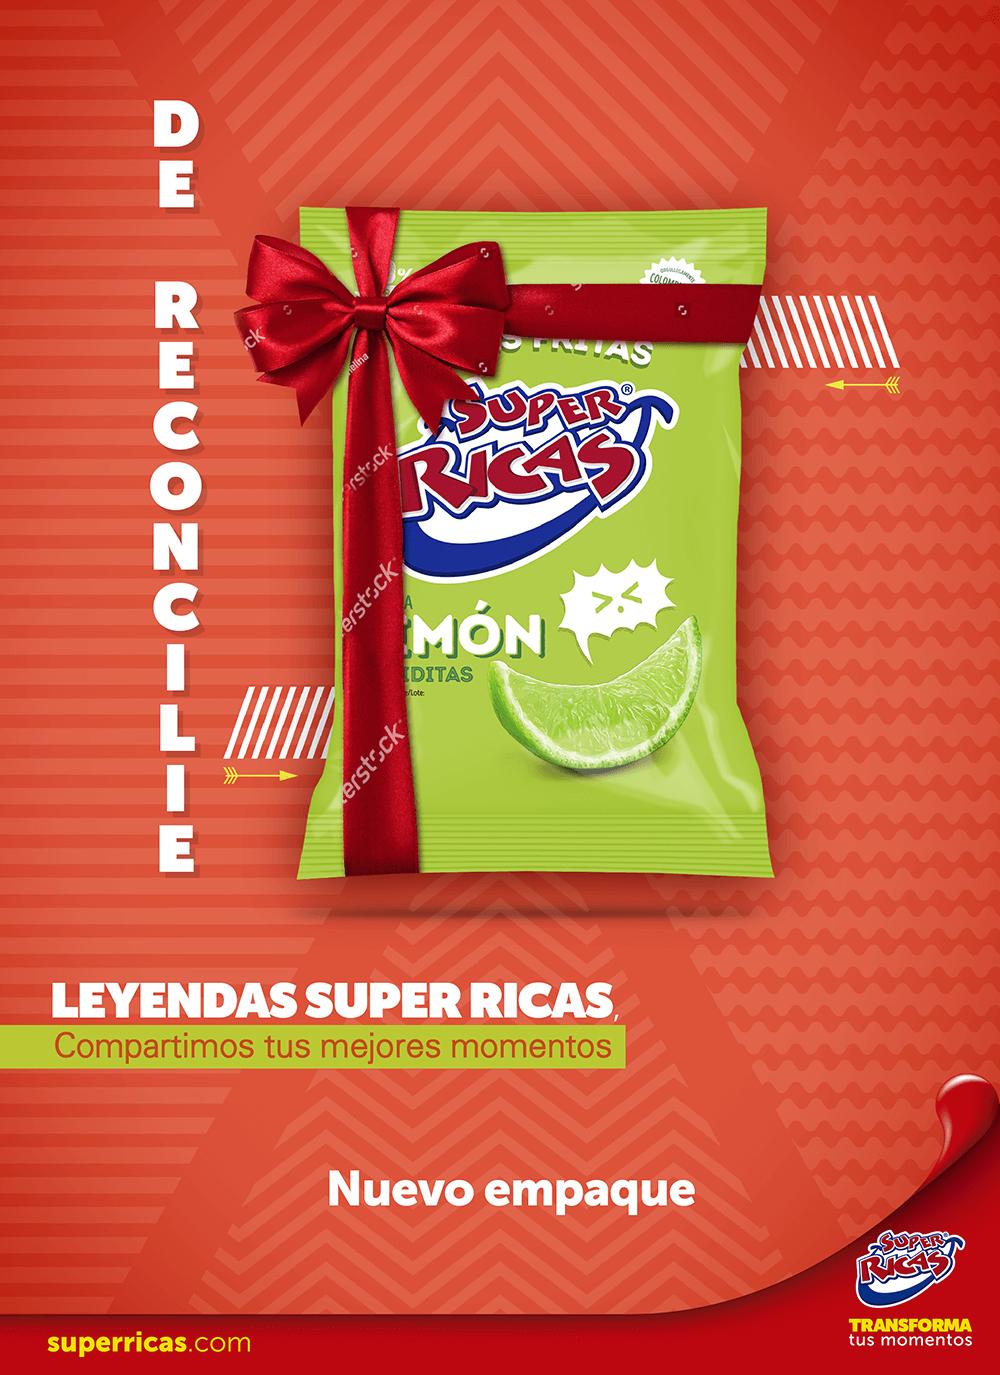 CAMPAÑA_LEYENDAS_SUPER_RICAS-04